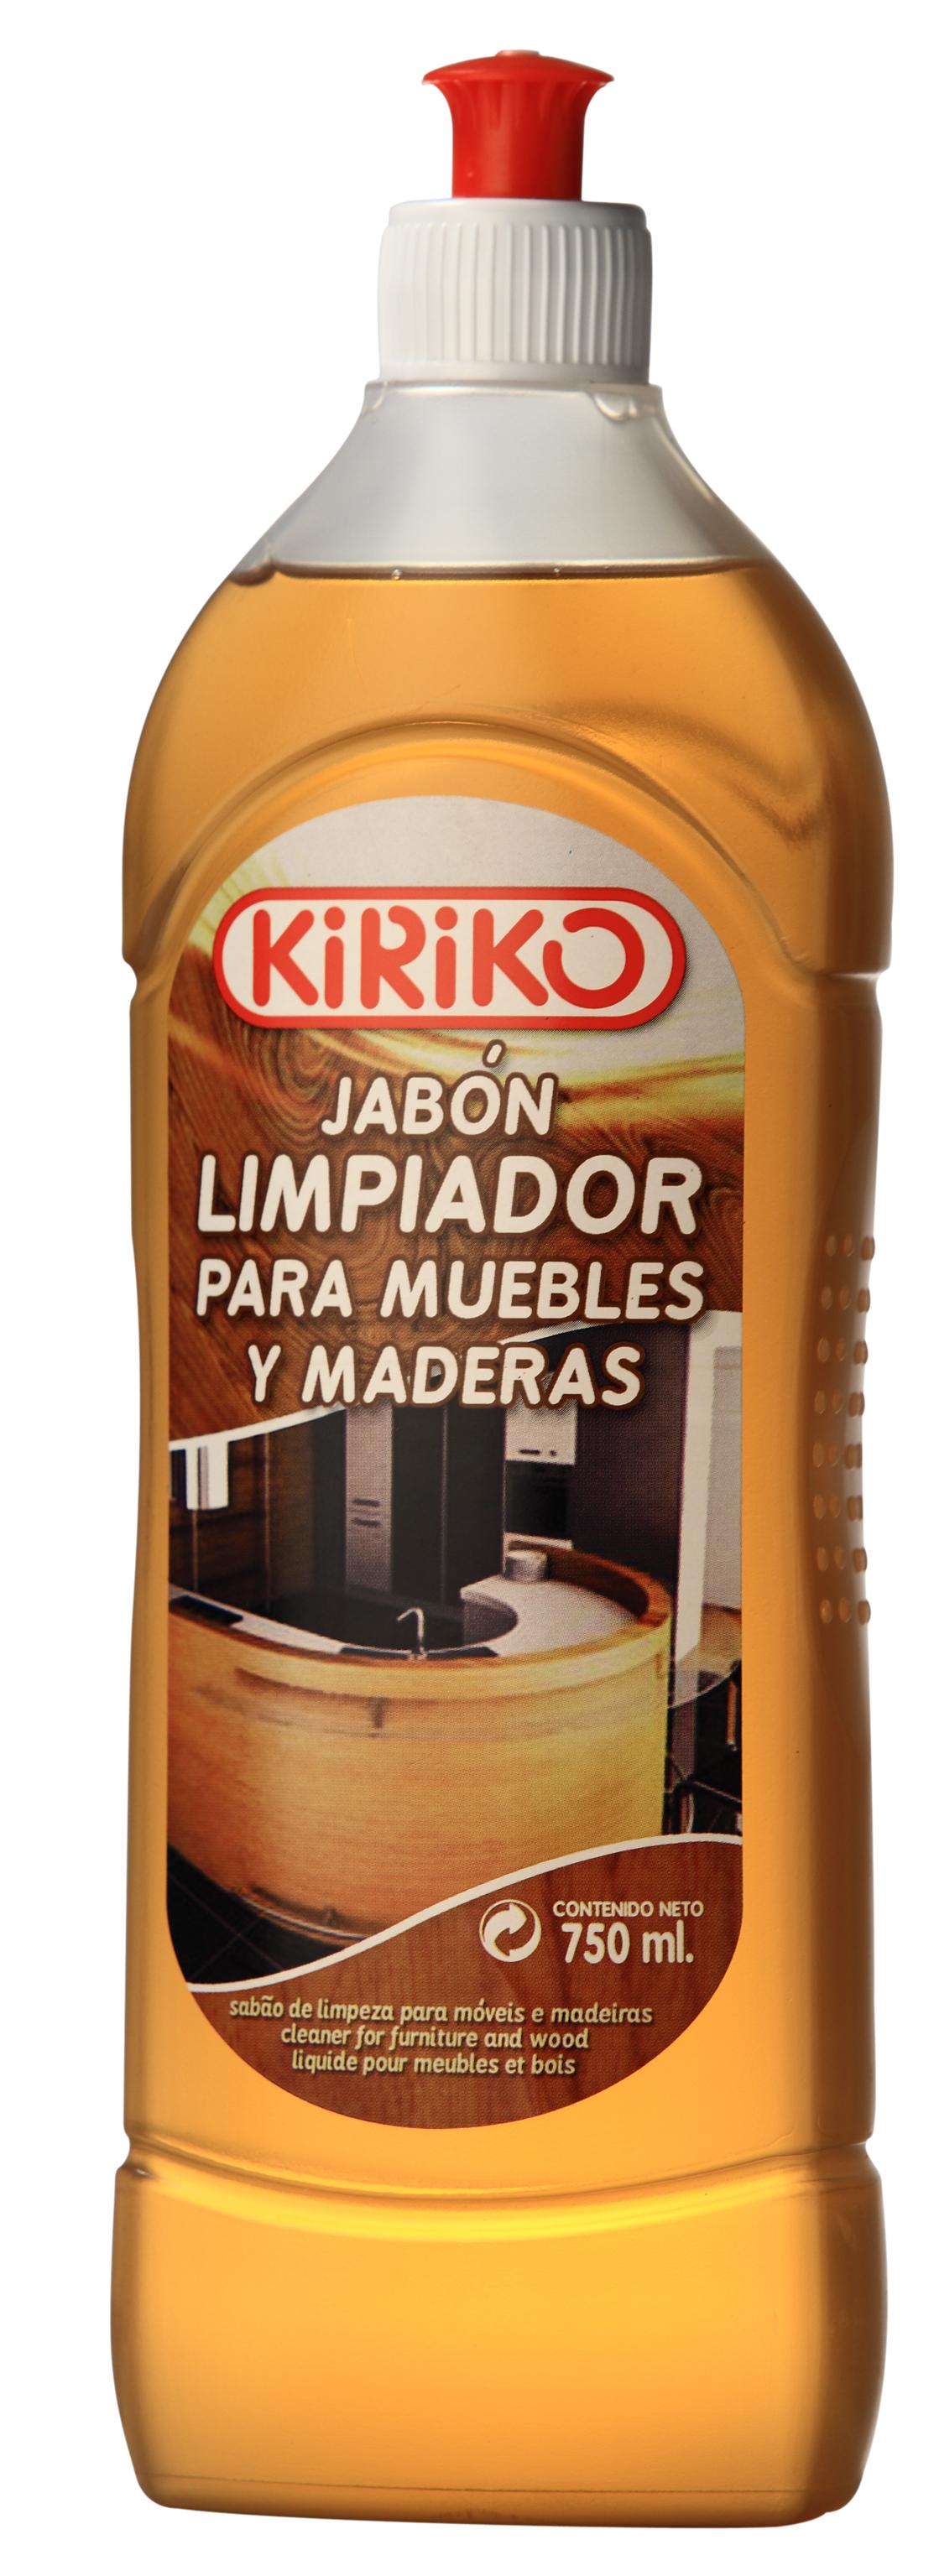 JABON LIMPIADOR PARA MUEBLES Y MADERAS 750ml